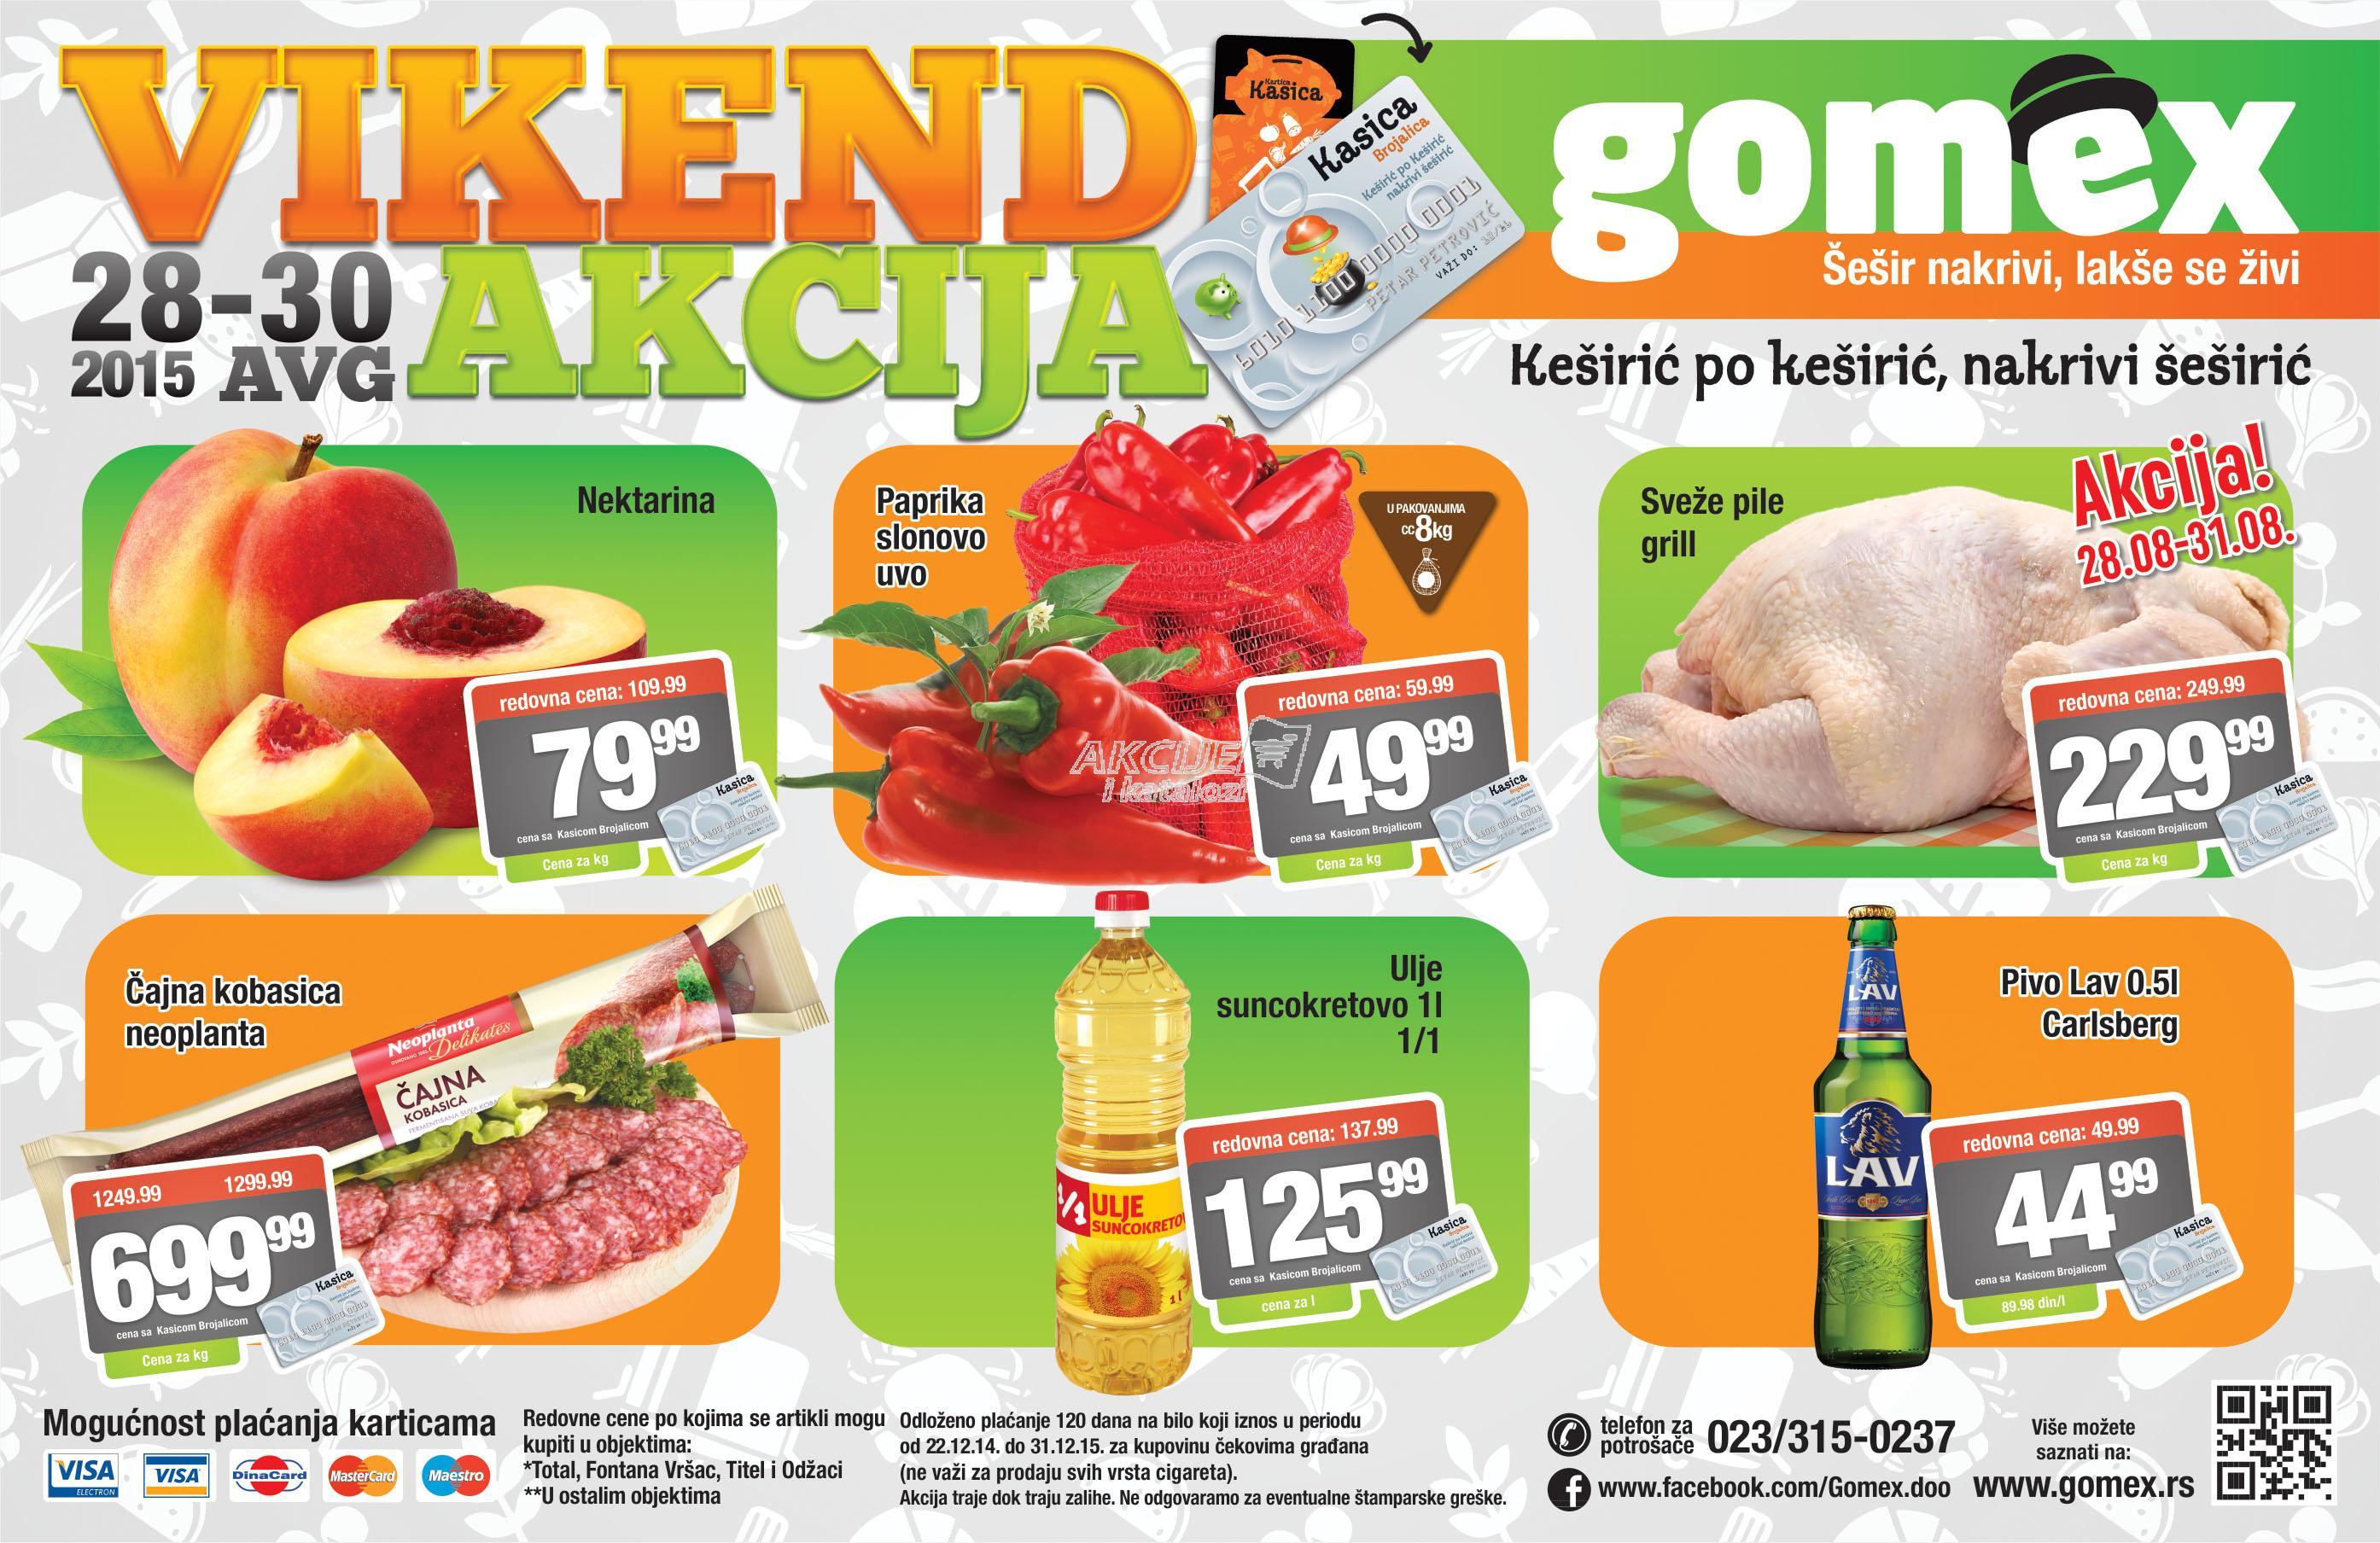 Gomex - Vikend akcija super kupovine